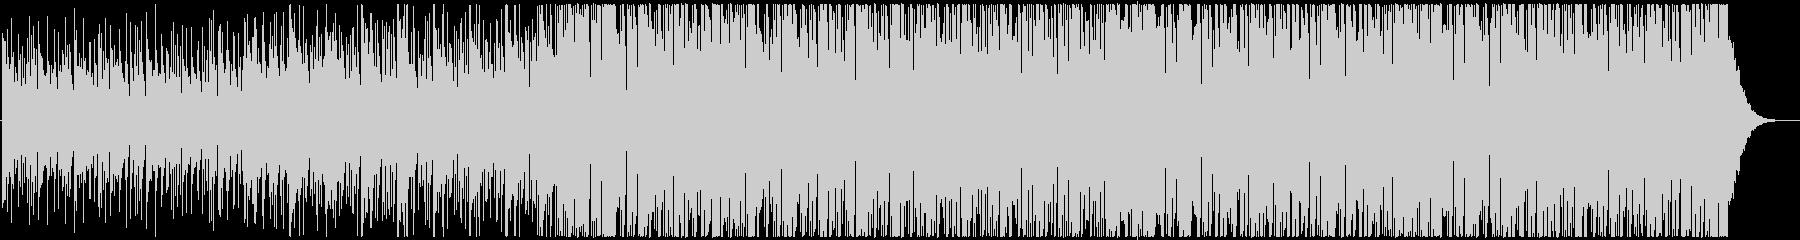 【ショートType1】明るく切ないEDMの未再生の波形